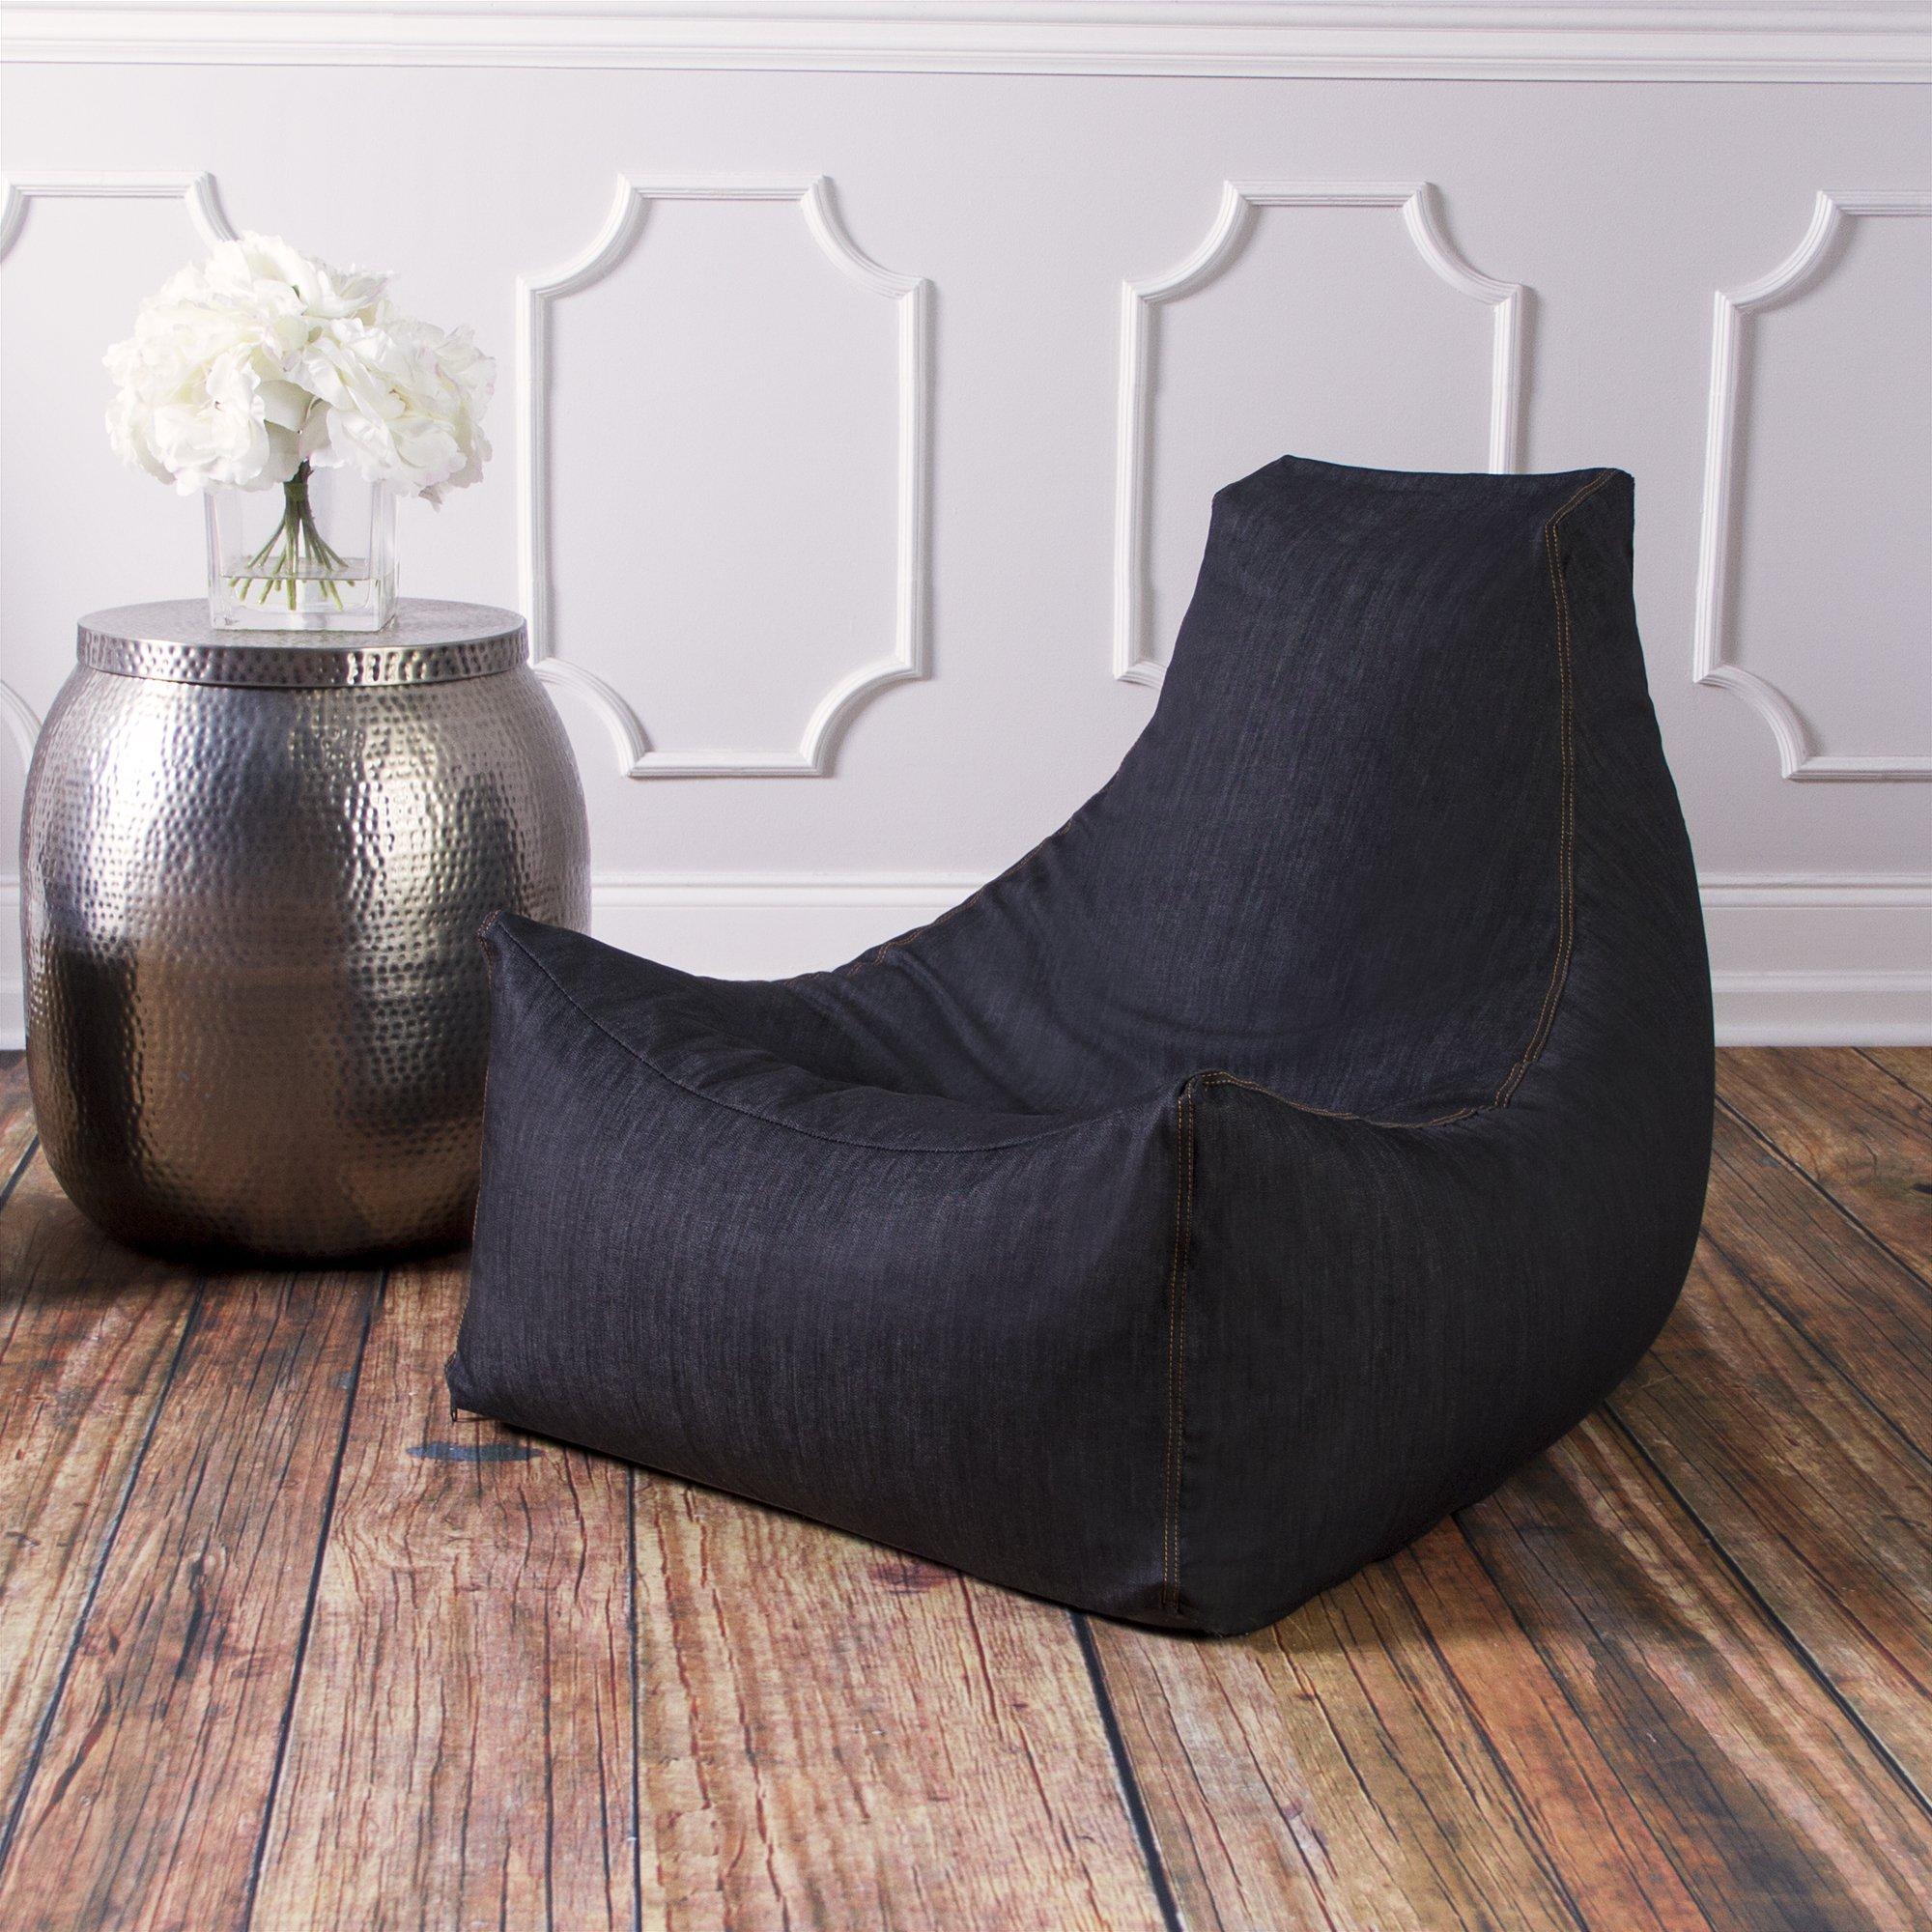 Jaxx Juniper Bean Bag Chair